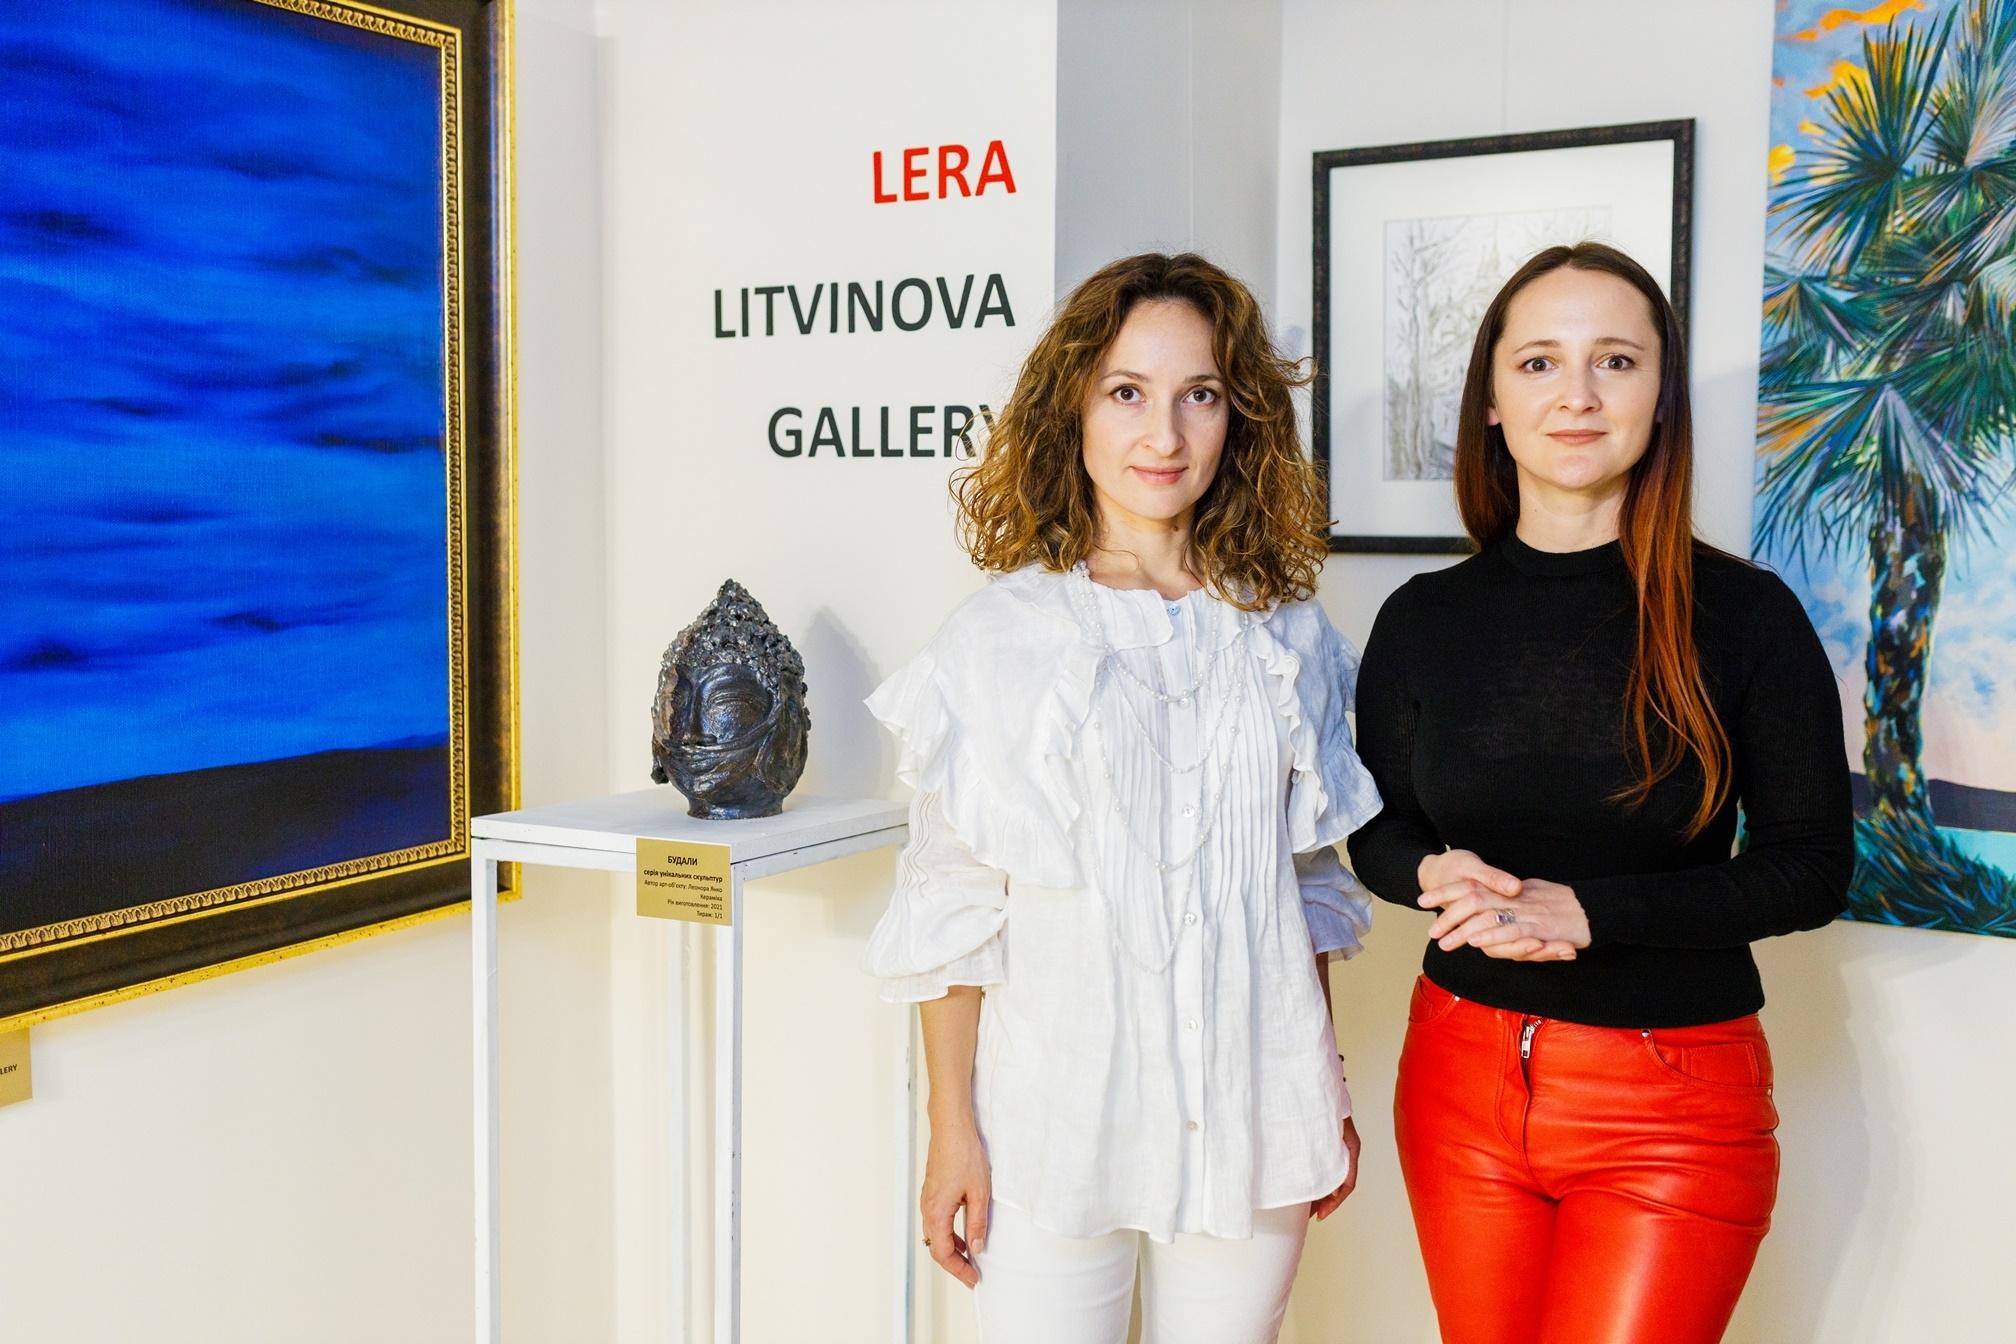 Арт-пространство Lera Litvinova Gallery открылось по новому адресу в Киеве (ФОТО) - фото №4